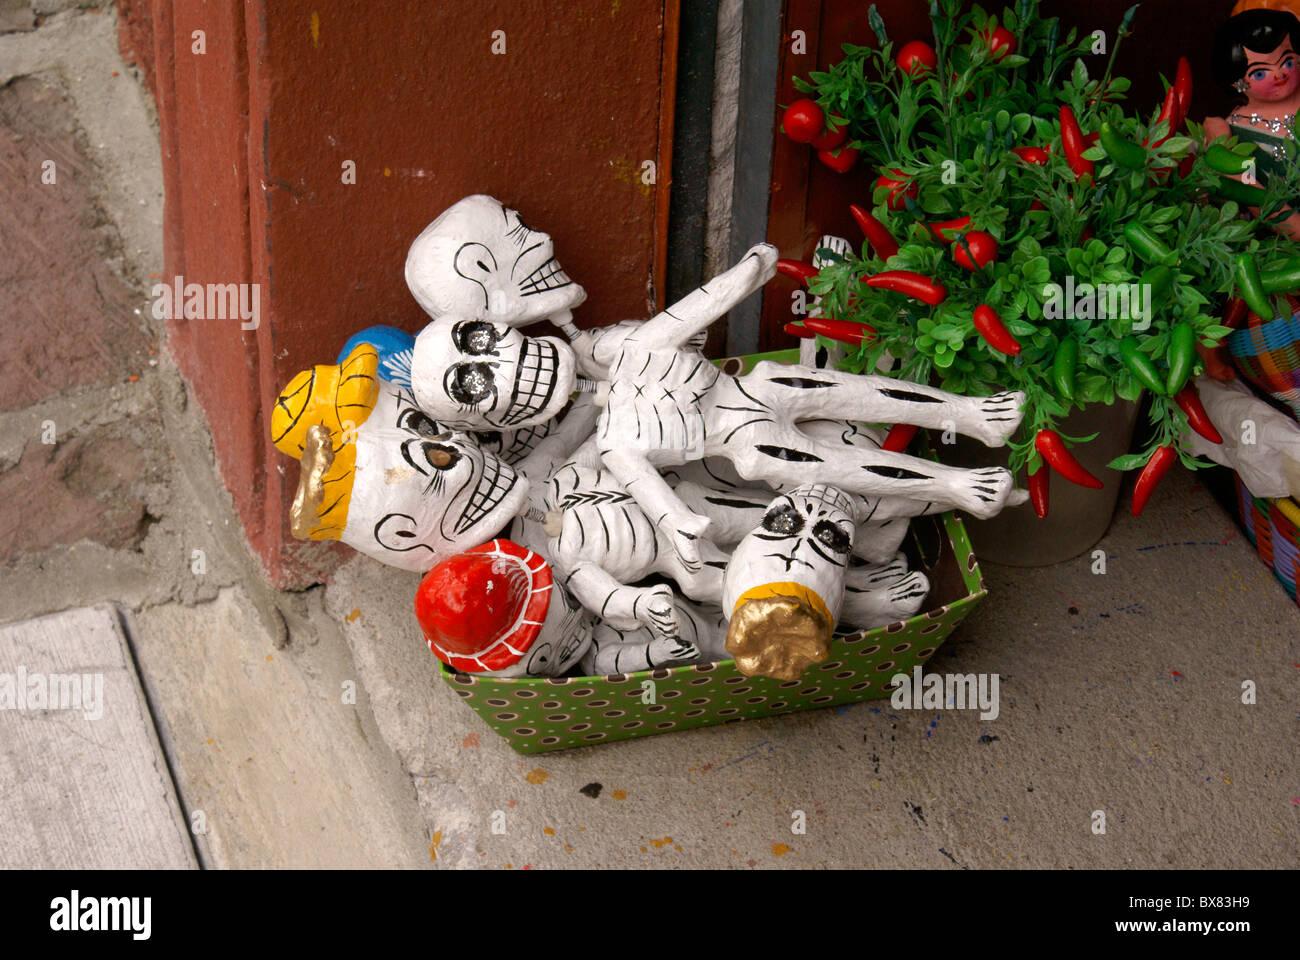 Papier Mache Skelette von Oaxaca außerhalb eines Ladens in San Miguel de Allende, Mexiko Stockbild